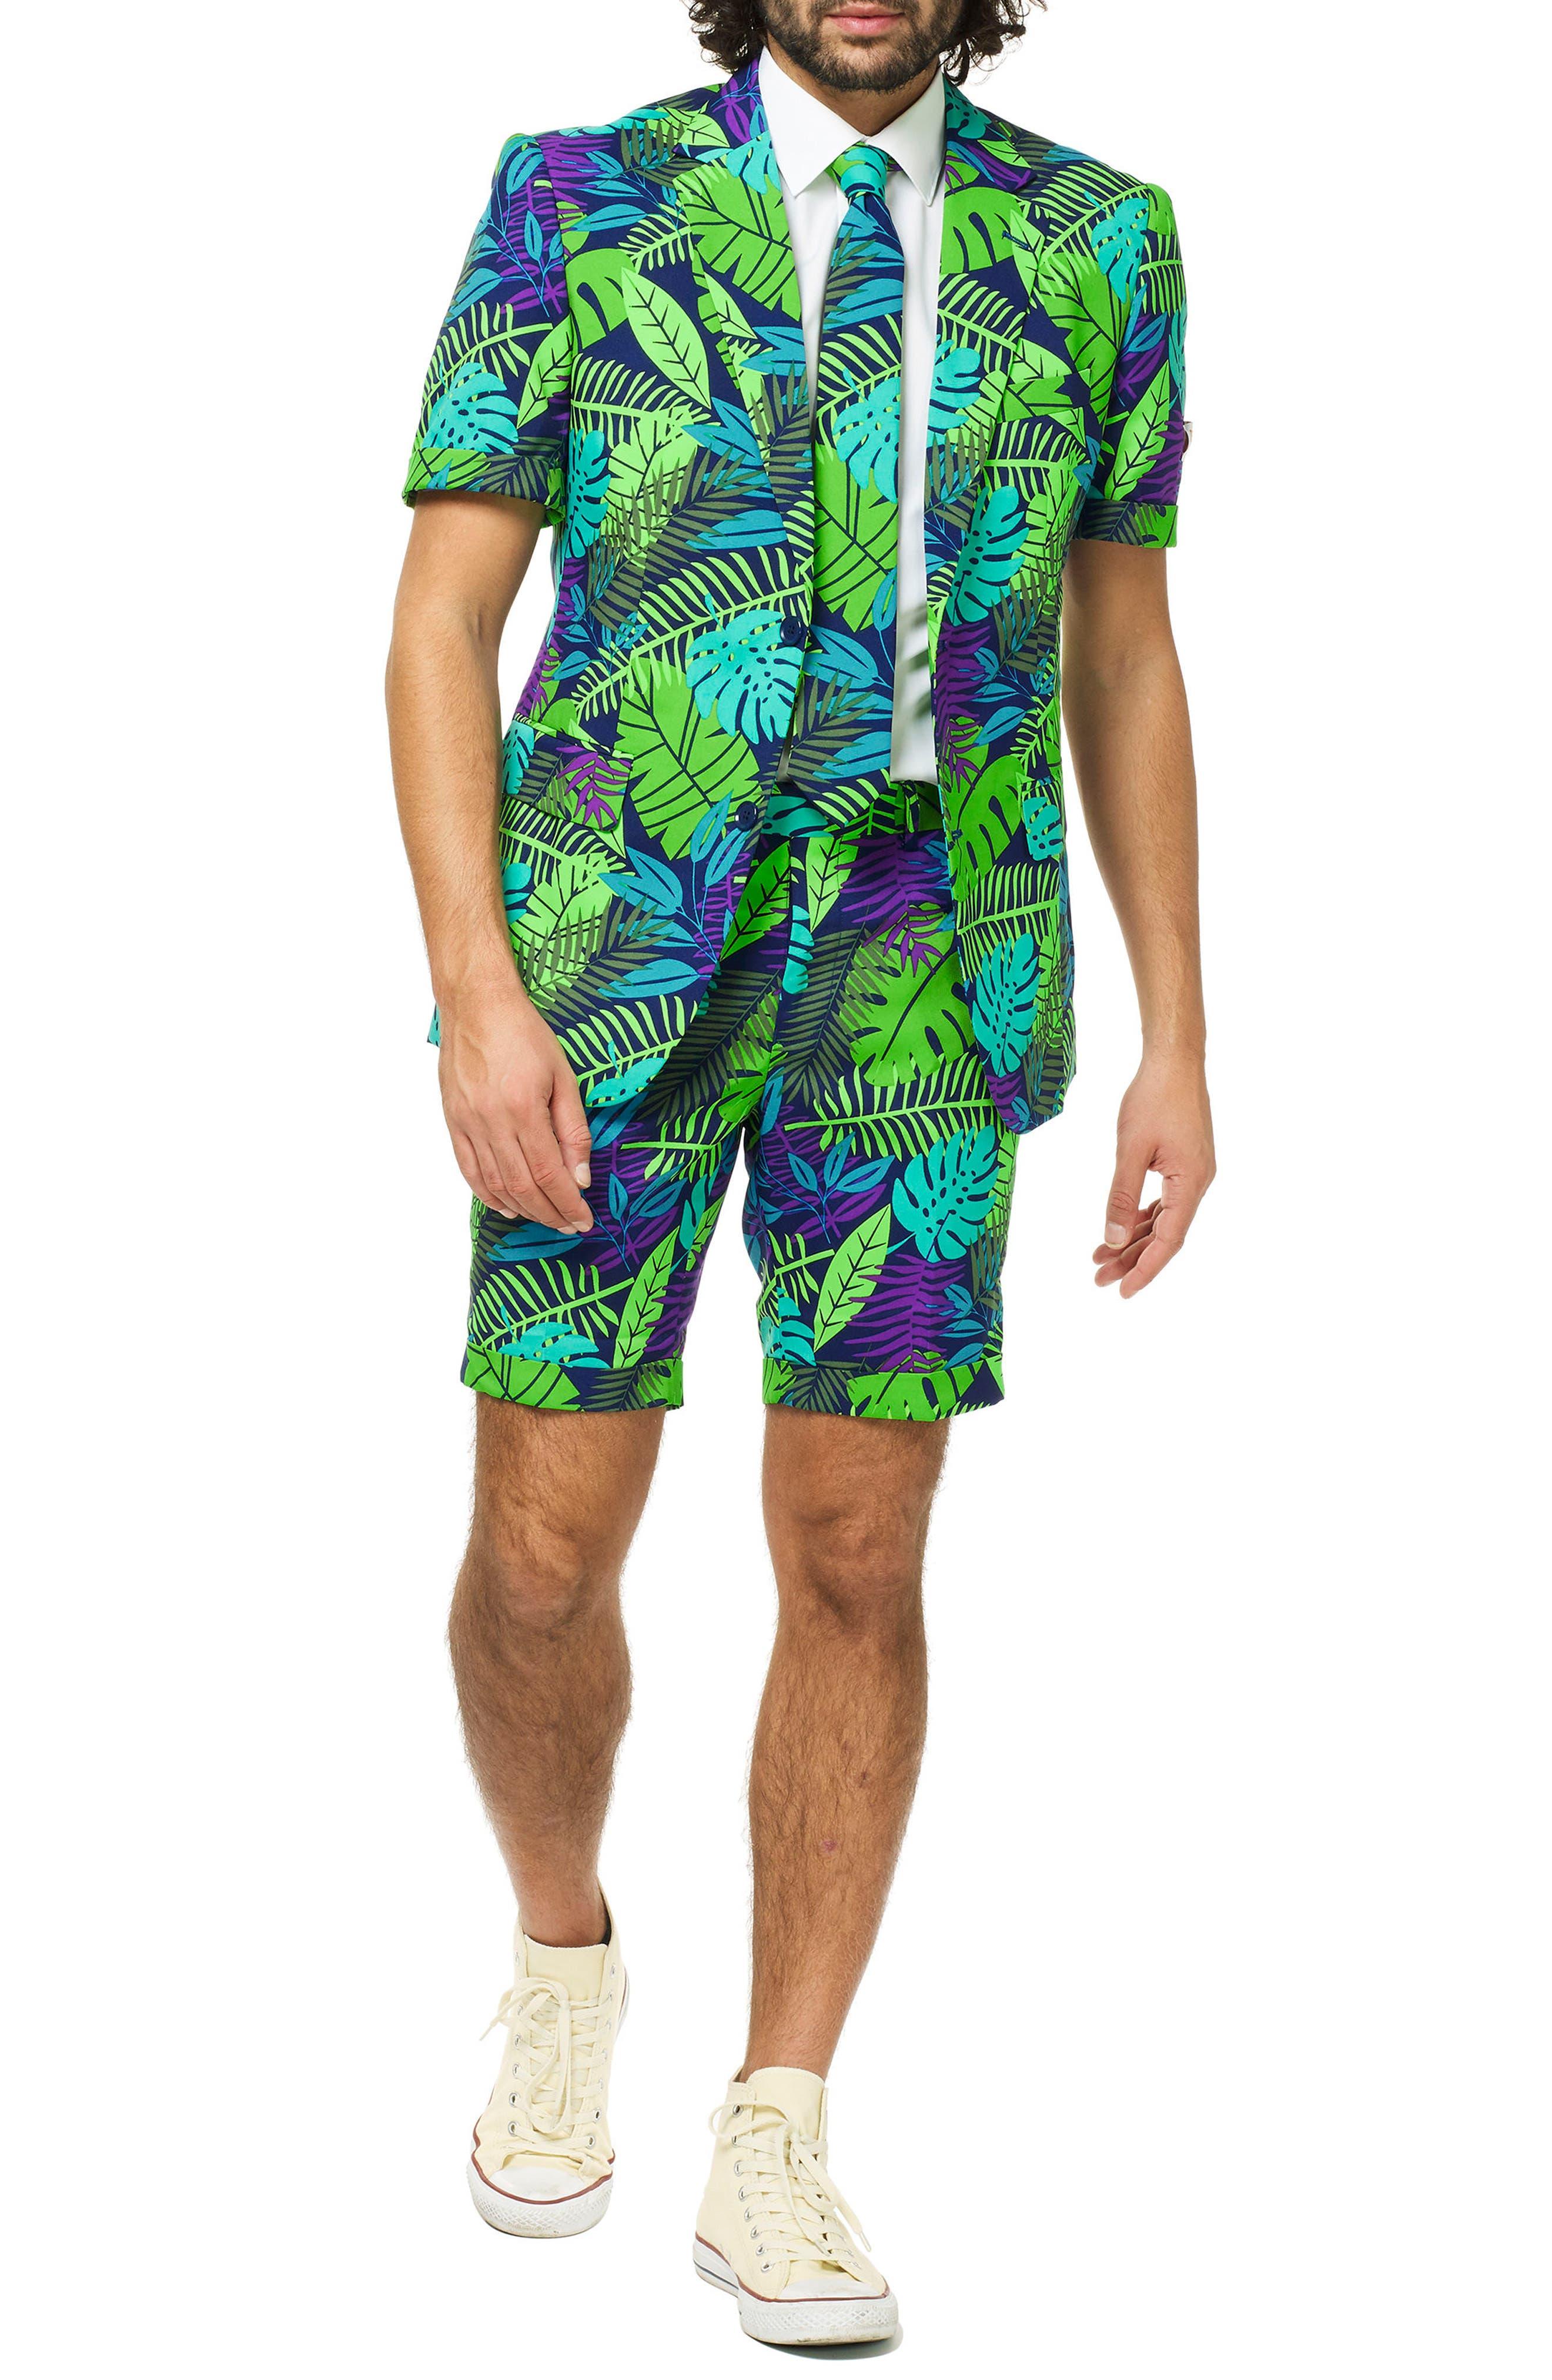 Juicy Jungle Trim Fit Two-Piece Short Suit with Tie,                             Main thumbnail 1, color,